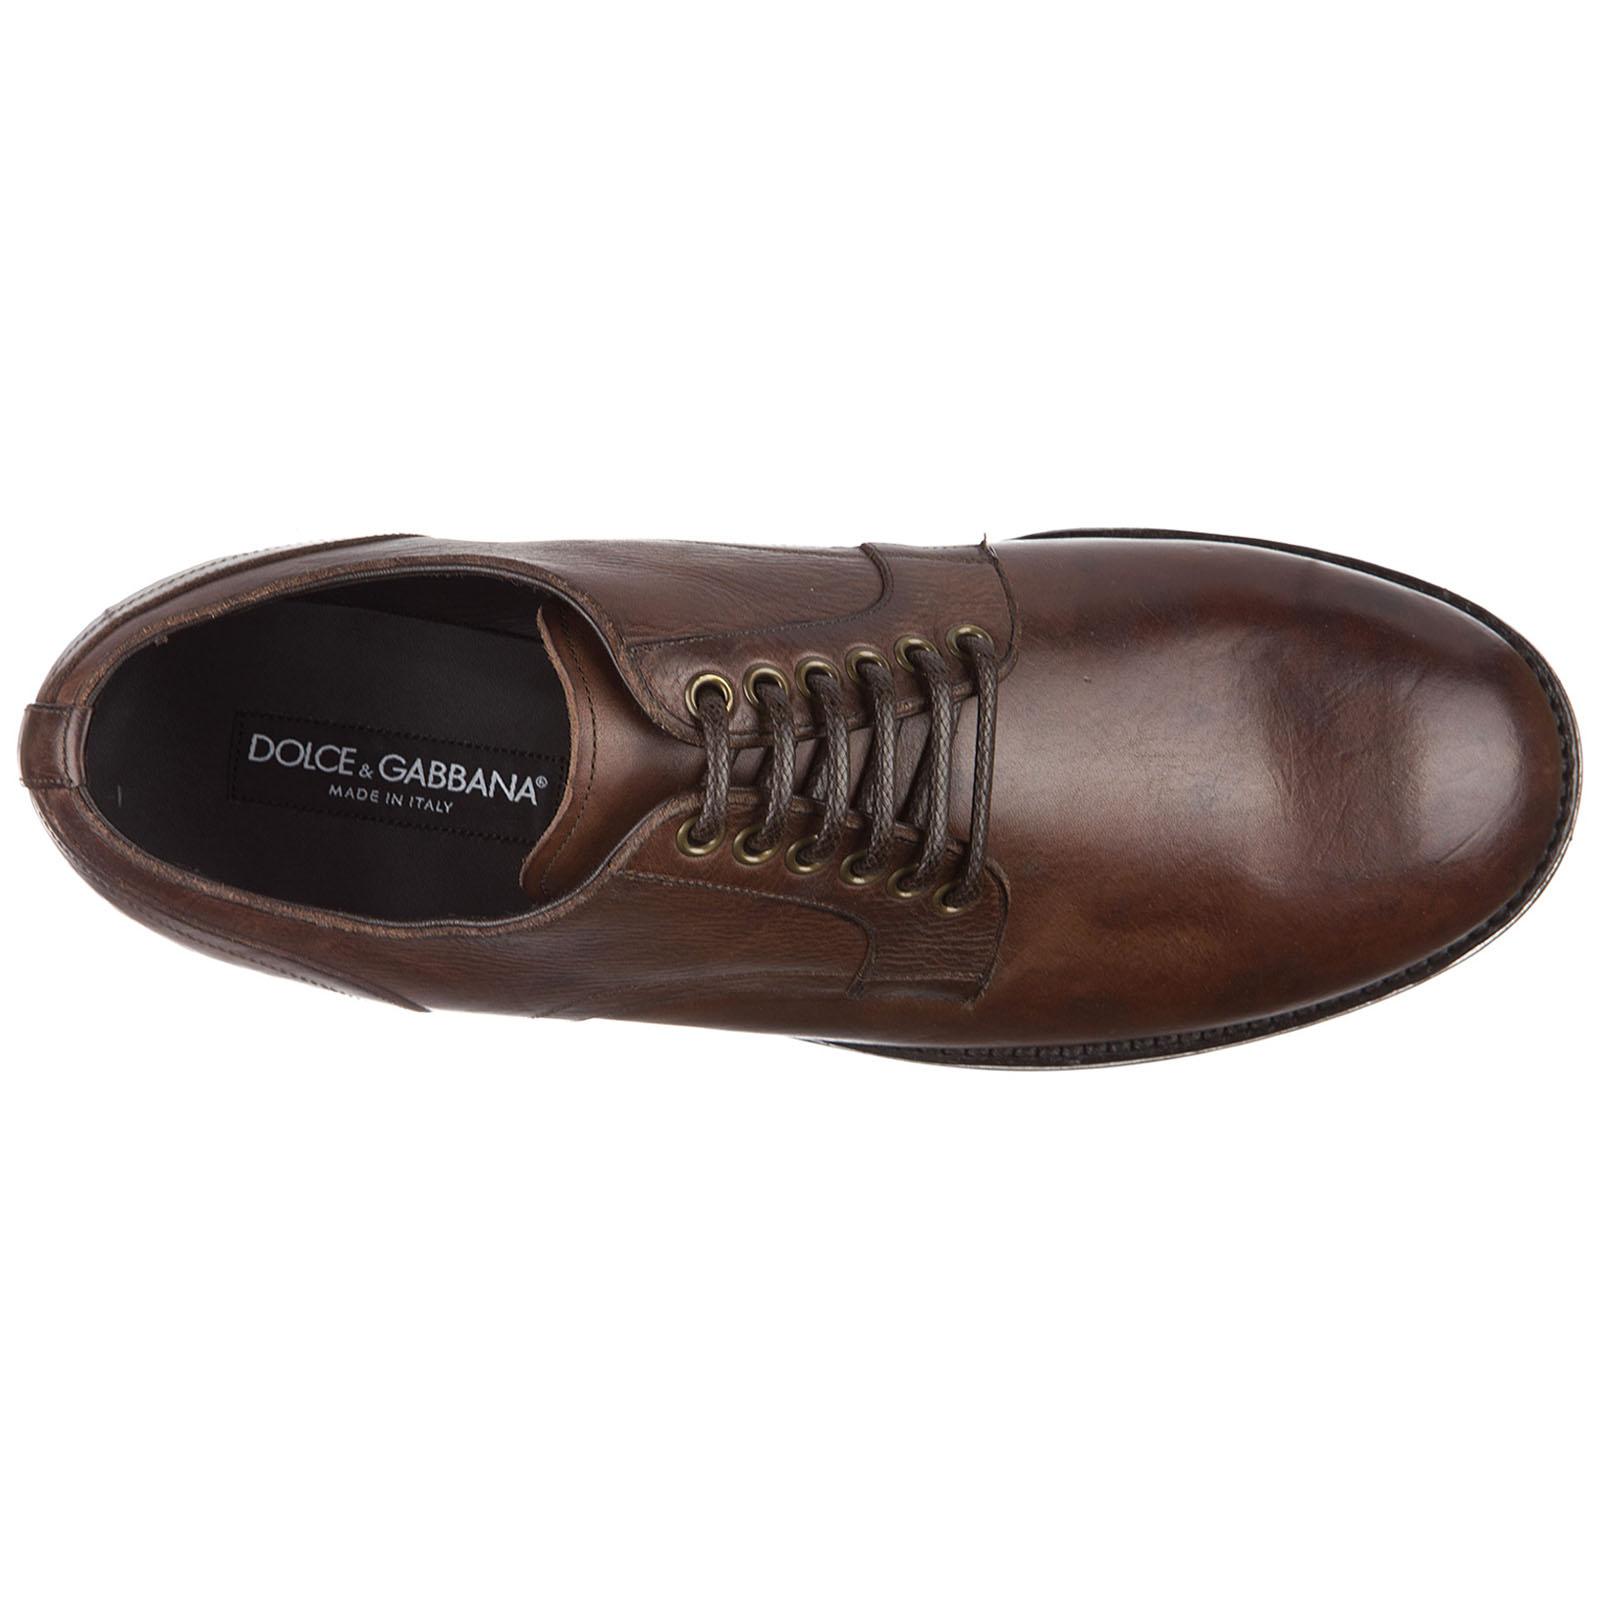 Clásico zapatos de cordones hombres en piel derby giorgione stone wash